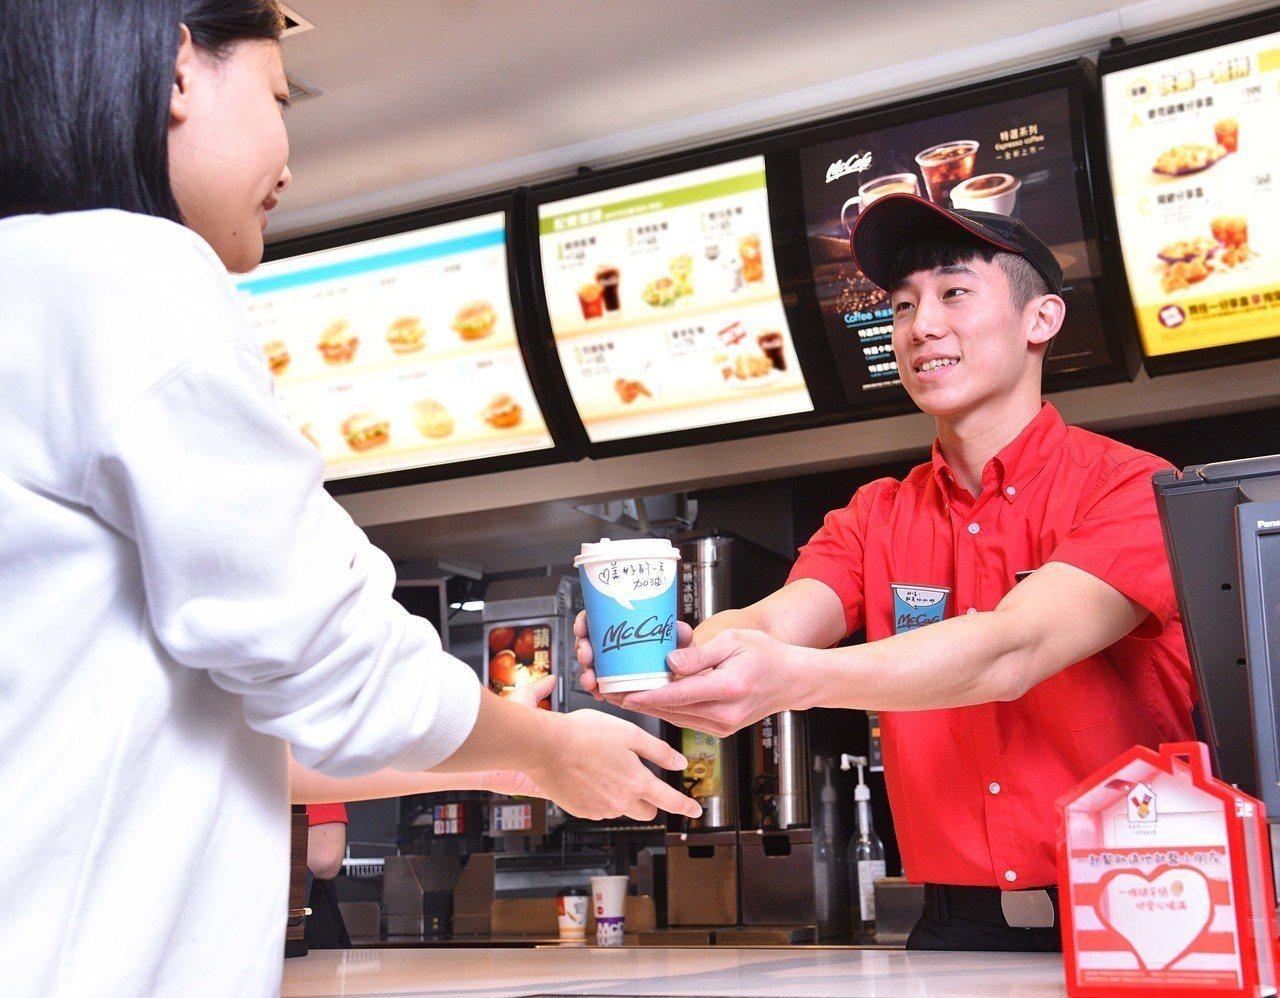 台灣麥當勞表示將配合明年內用禁止提供塑膠吸管等環保署塑膠製品減量時程。圖/台灣麥...